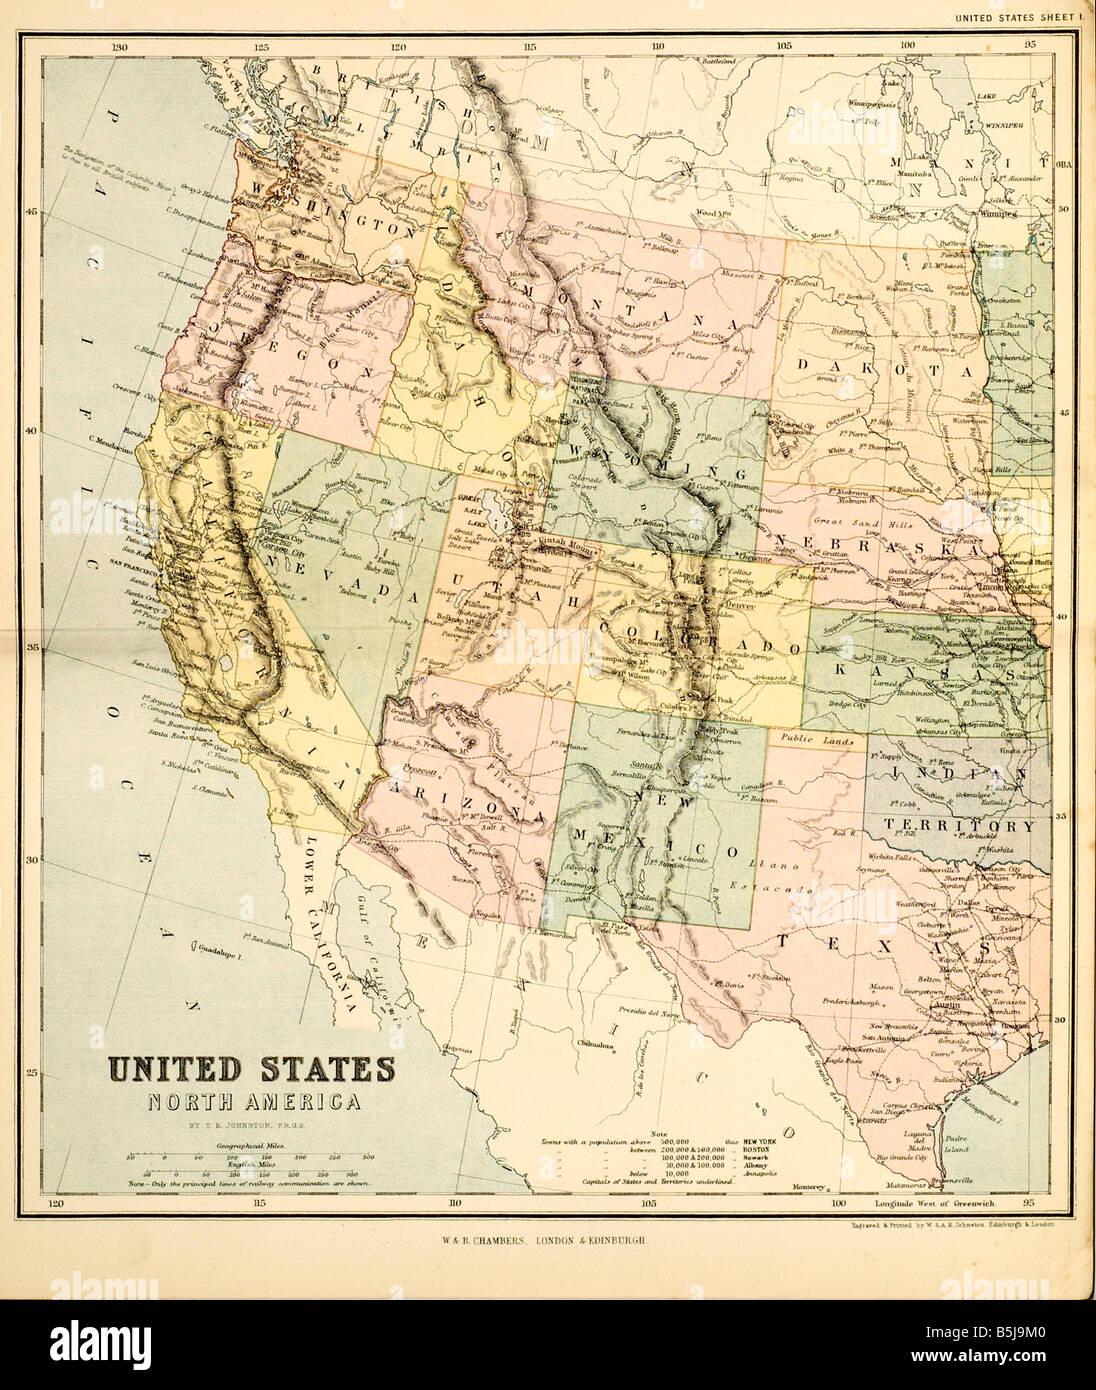 united states north america map continent americas hemisphere arctic ocean atlantic stock image